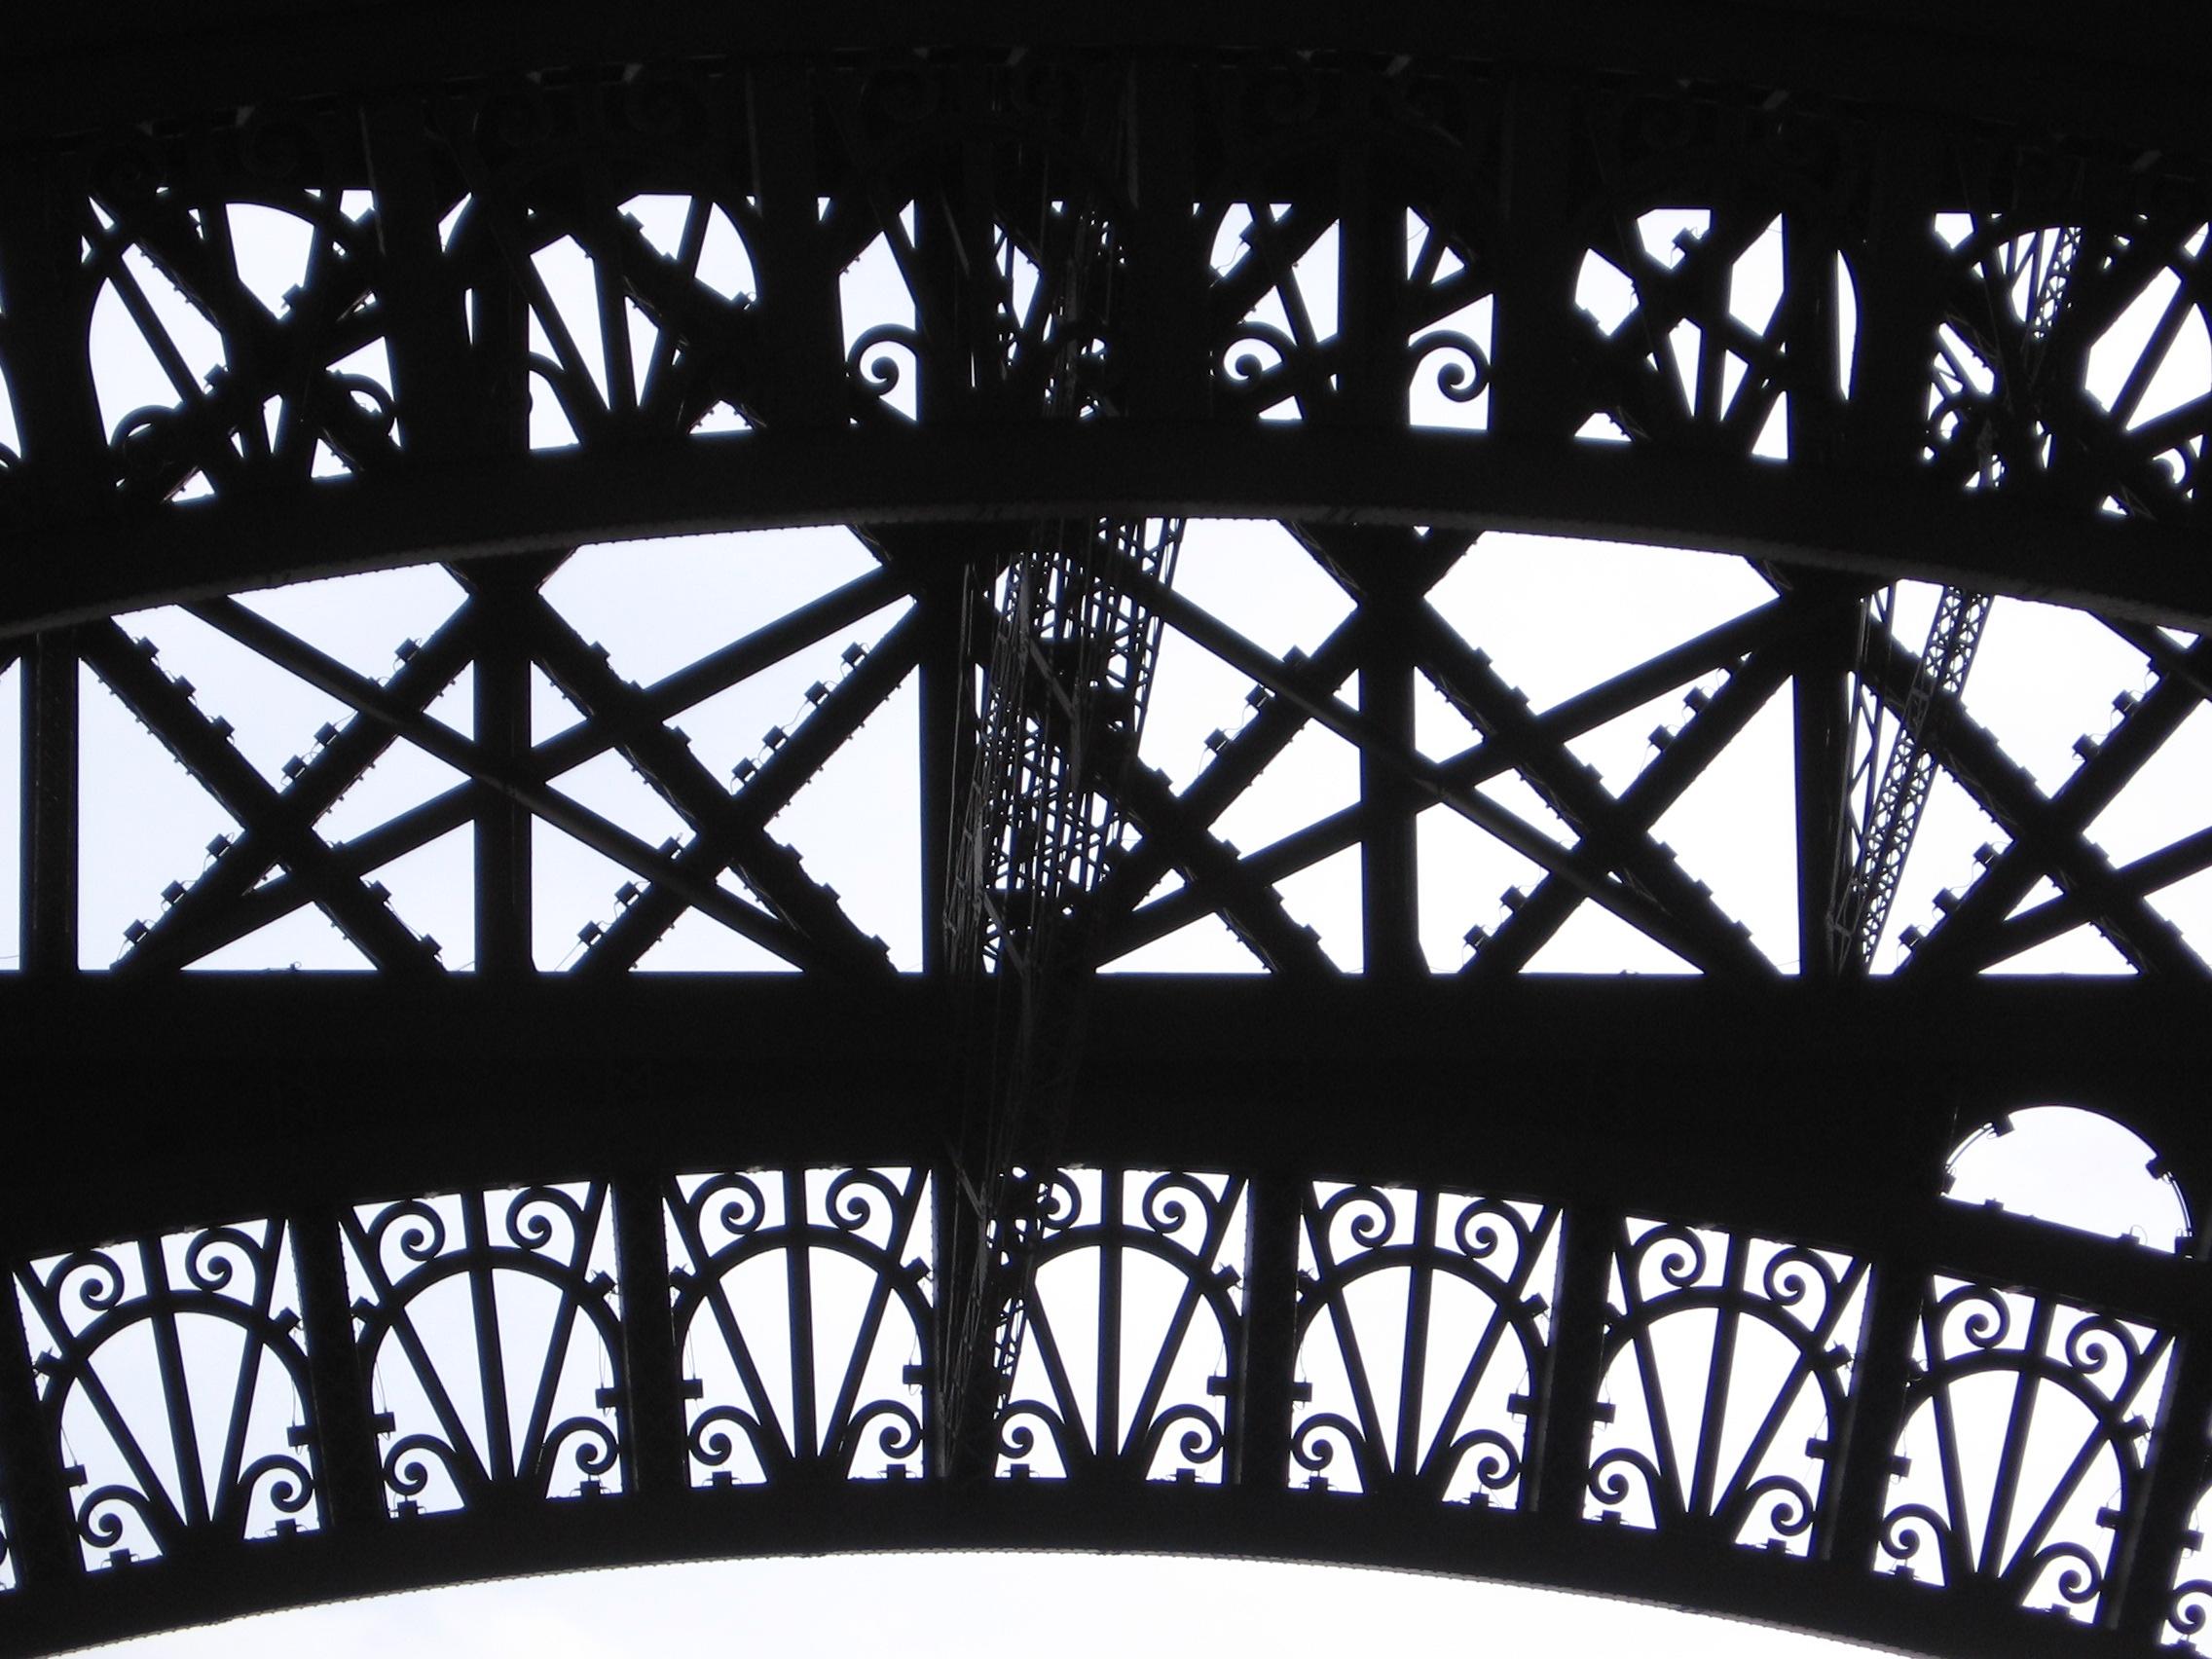 скачать обои на рабочий стол эйфелевой башни в париже #2